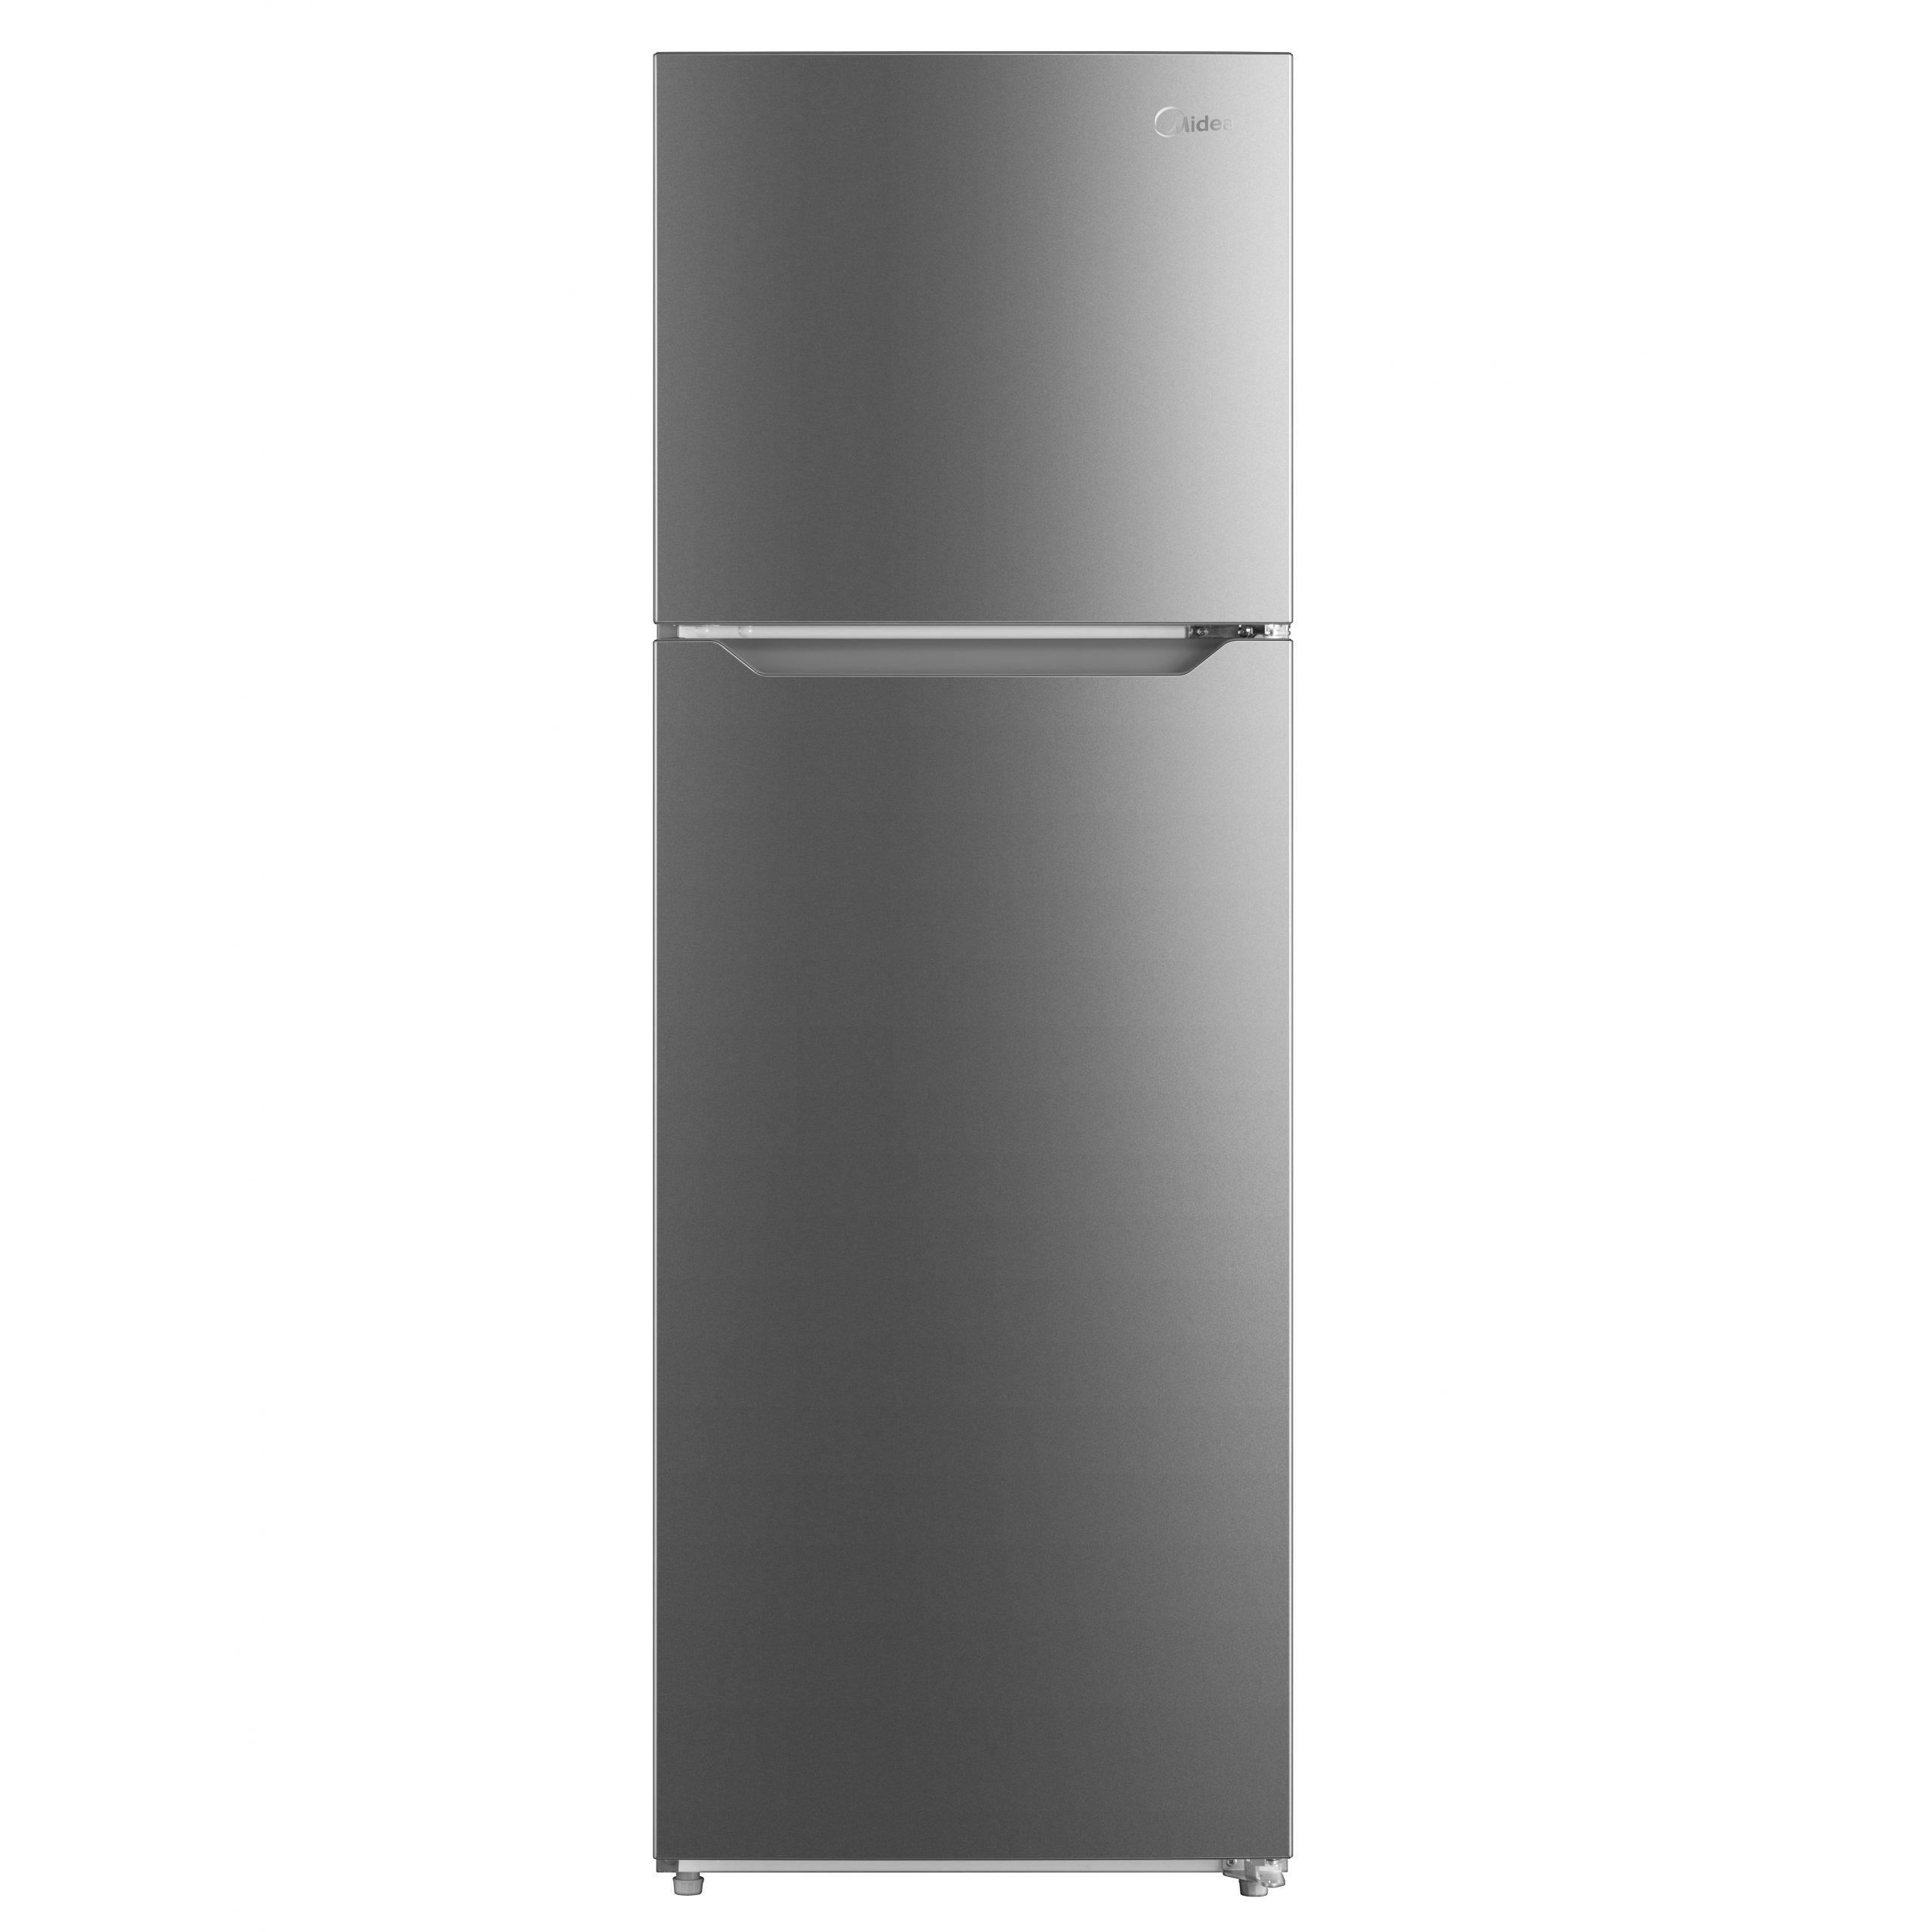 Δίπορτο Ψυγείο Midea MT445A1